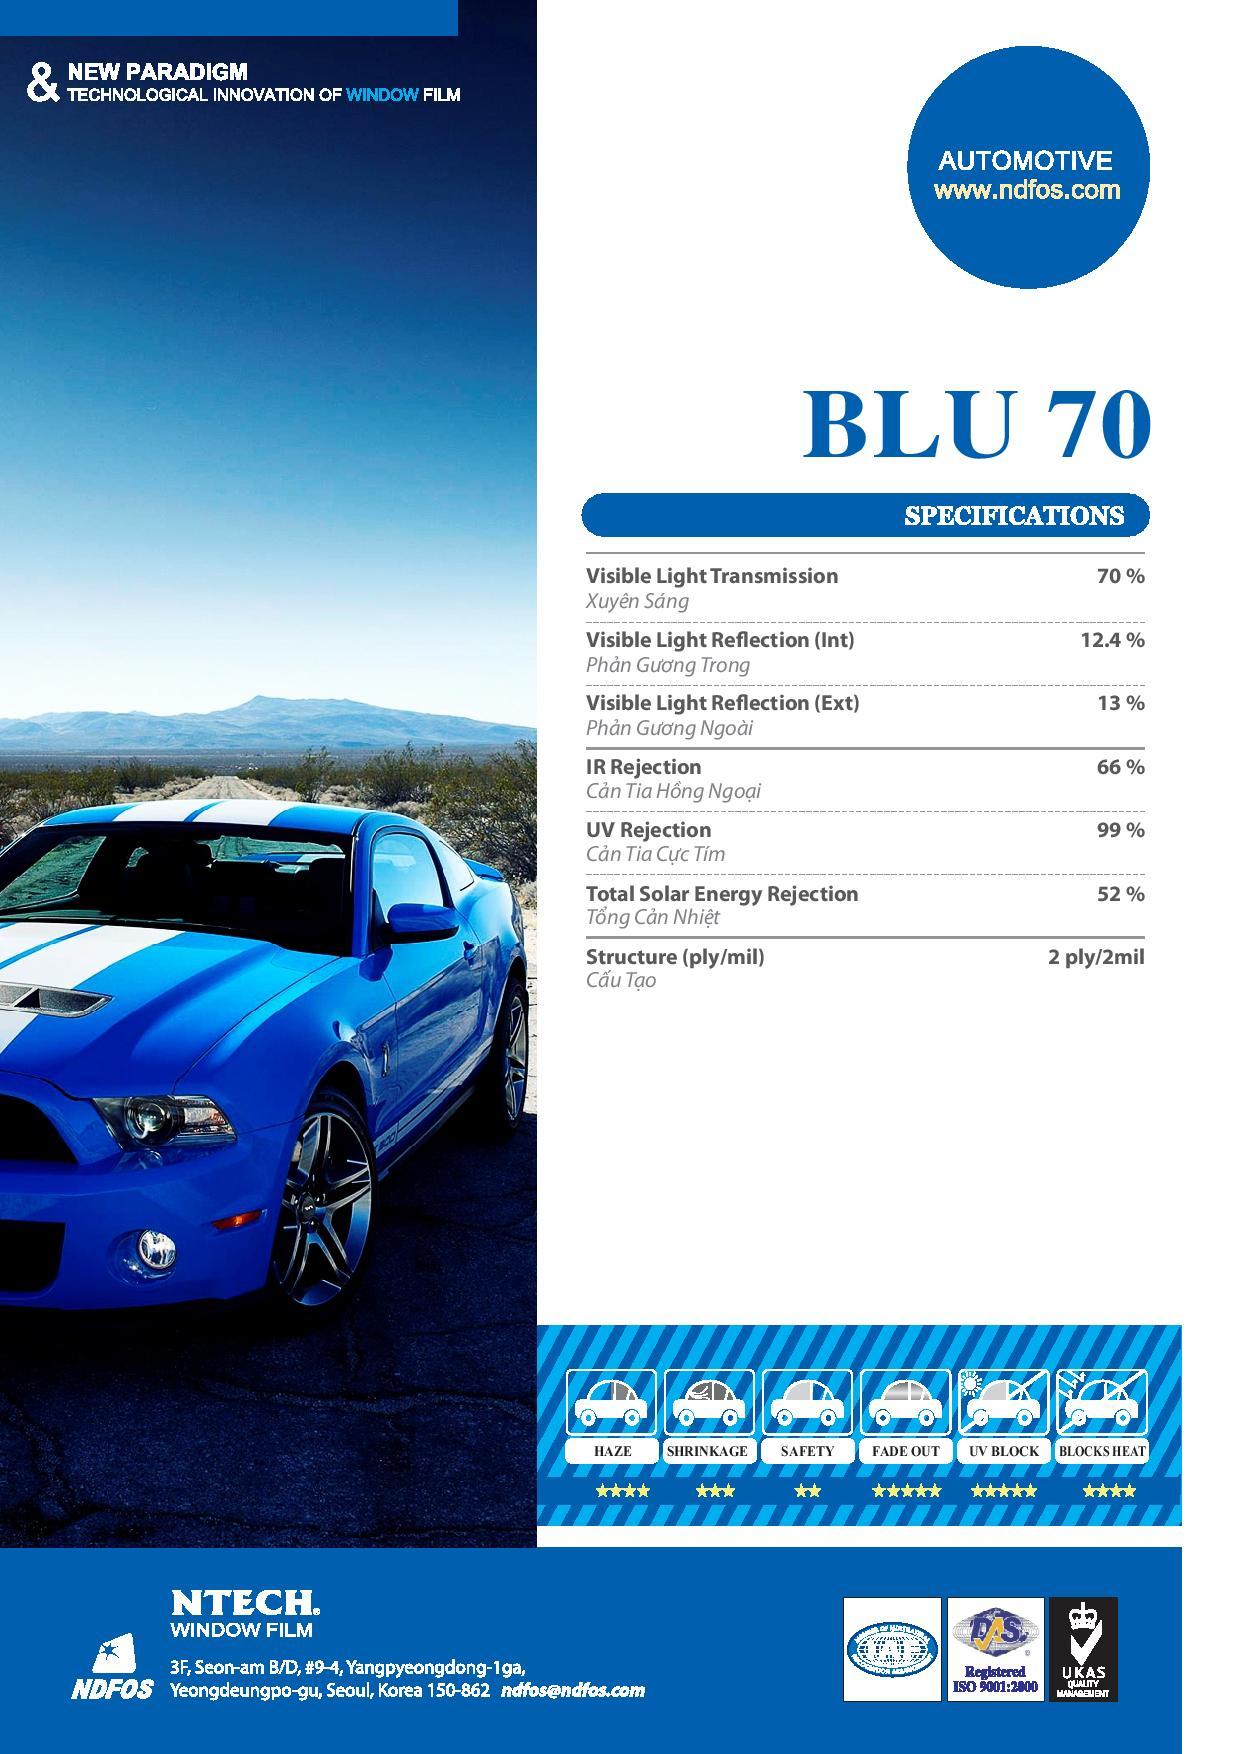 Mã phim Blu 70